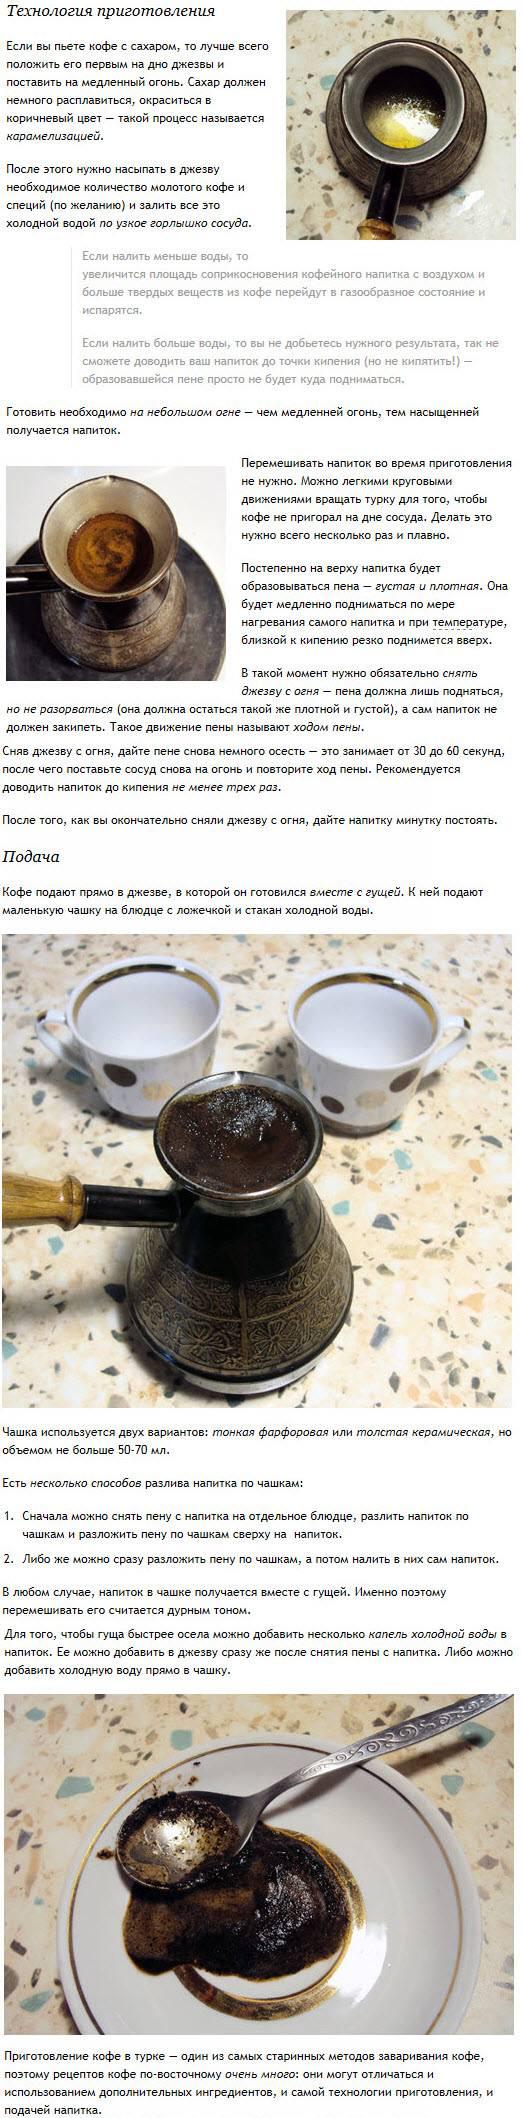 Как поэтапно варить кофе в турке на плите дома: секреты